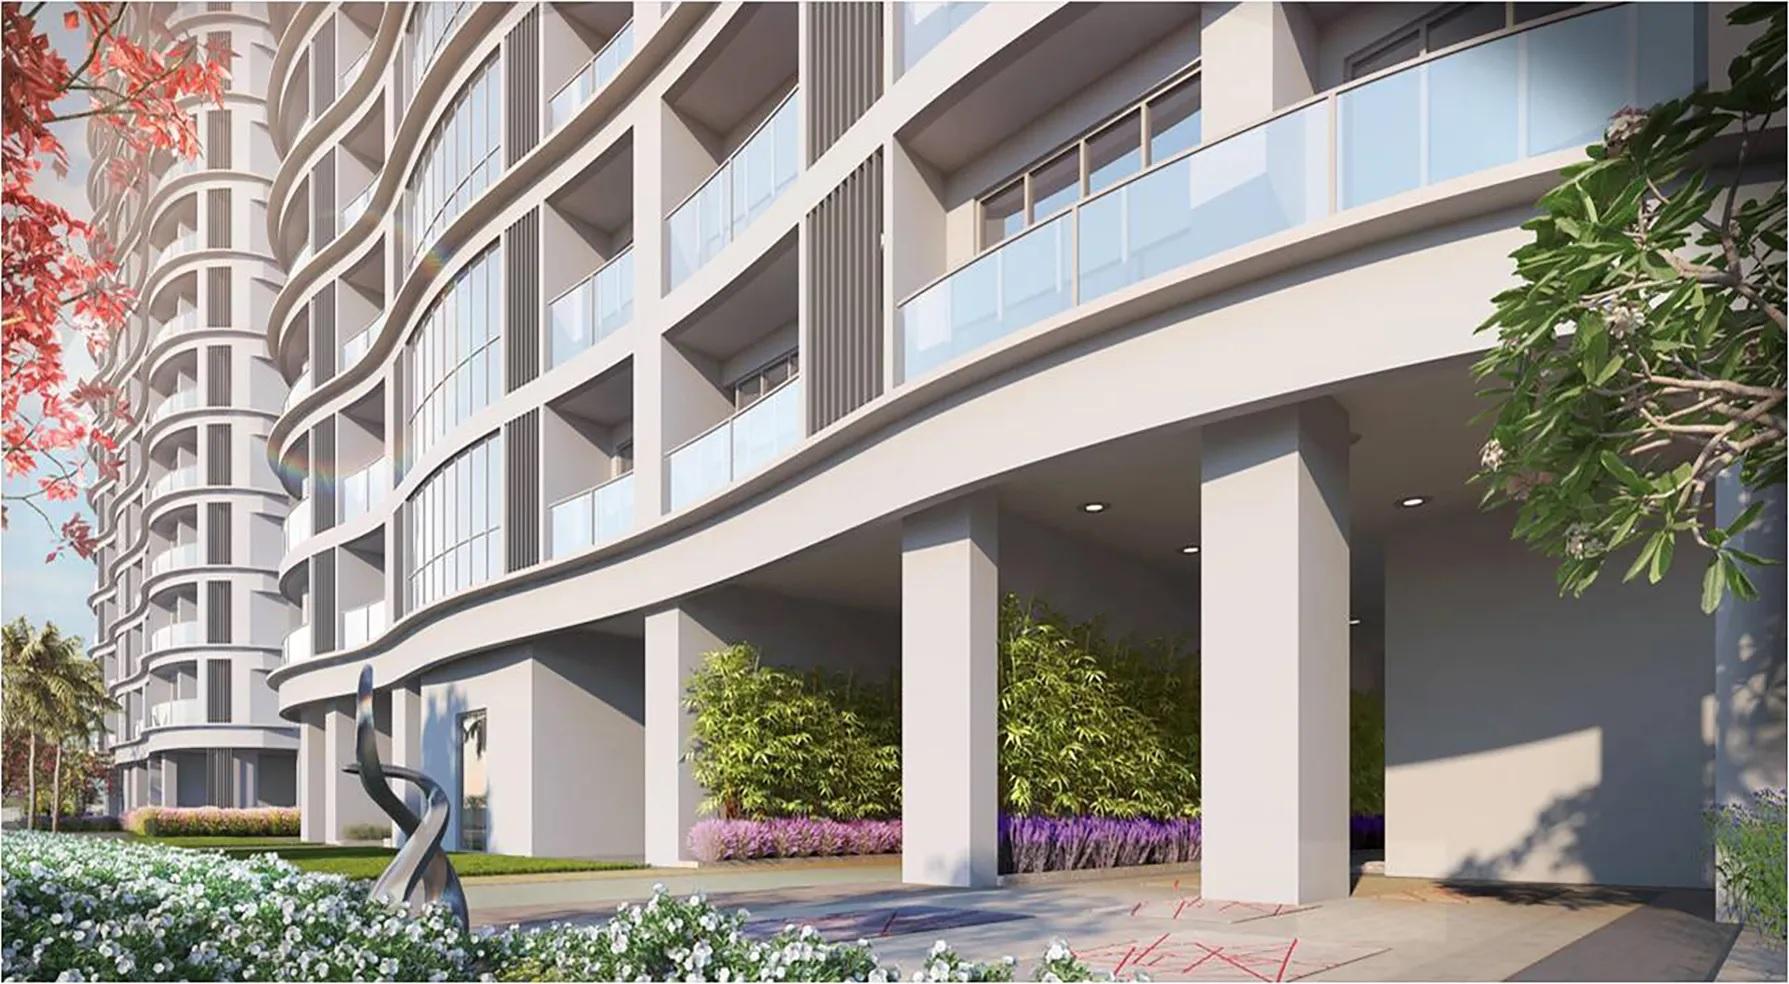 sunteck city avenue 1 project amenities features2